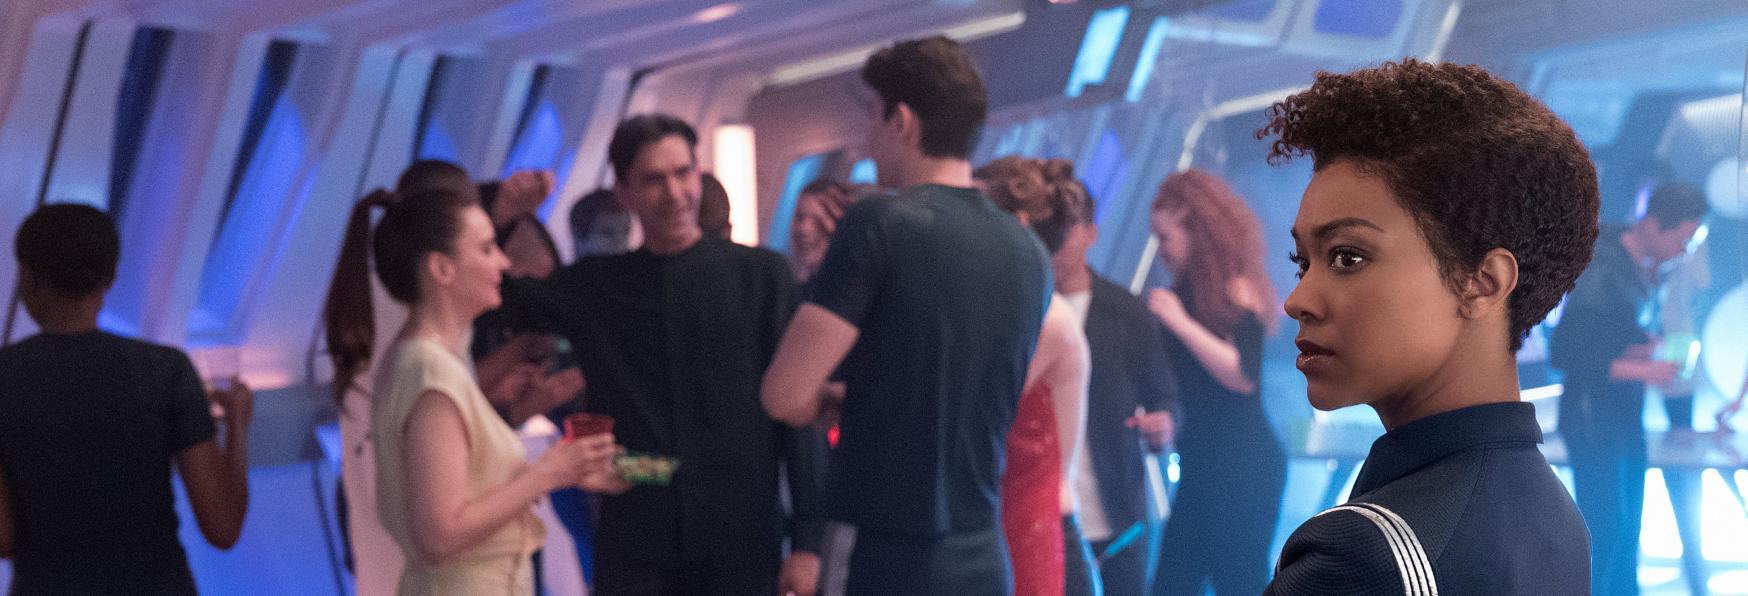 Star Trek: Discovery 4 - Terminata la stesura dello Script della nuova Stagione